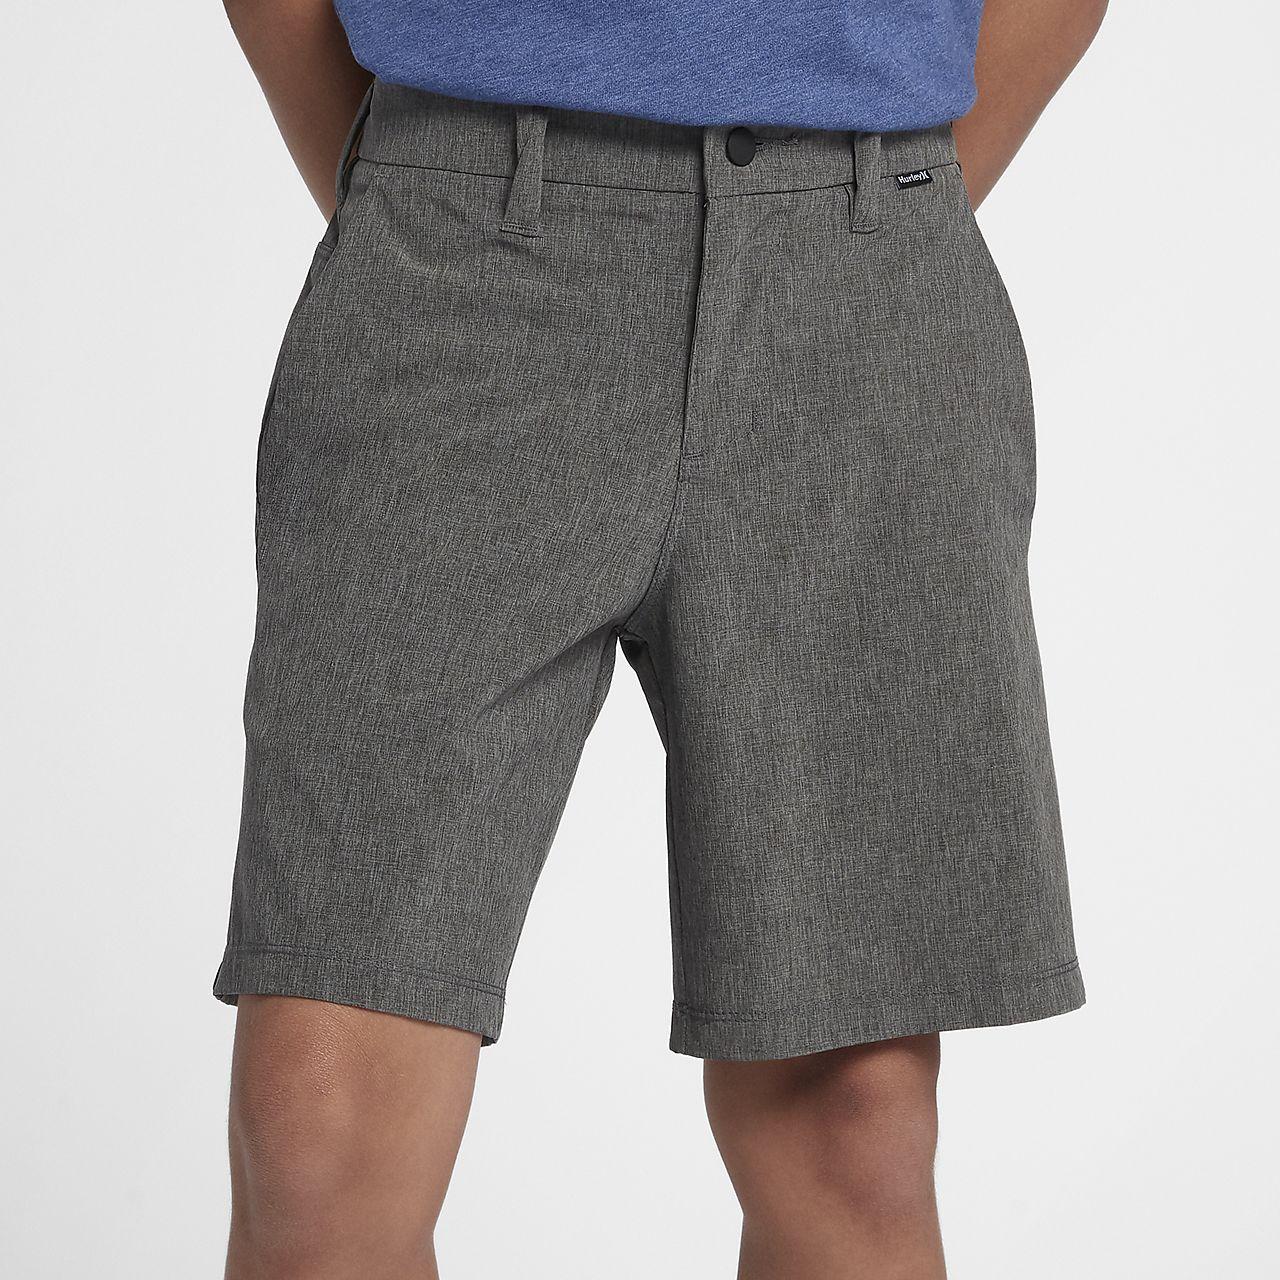 Hurley Phantom-bermudashorts (41 cm) til drenge